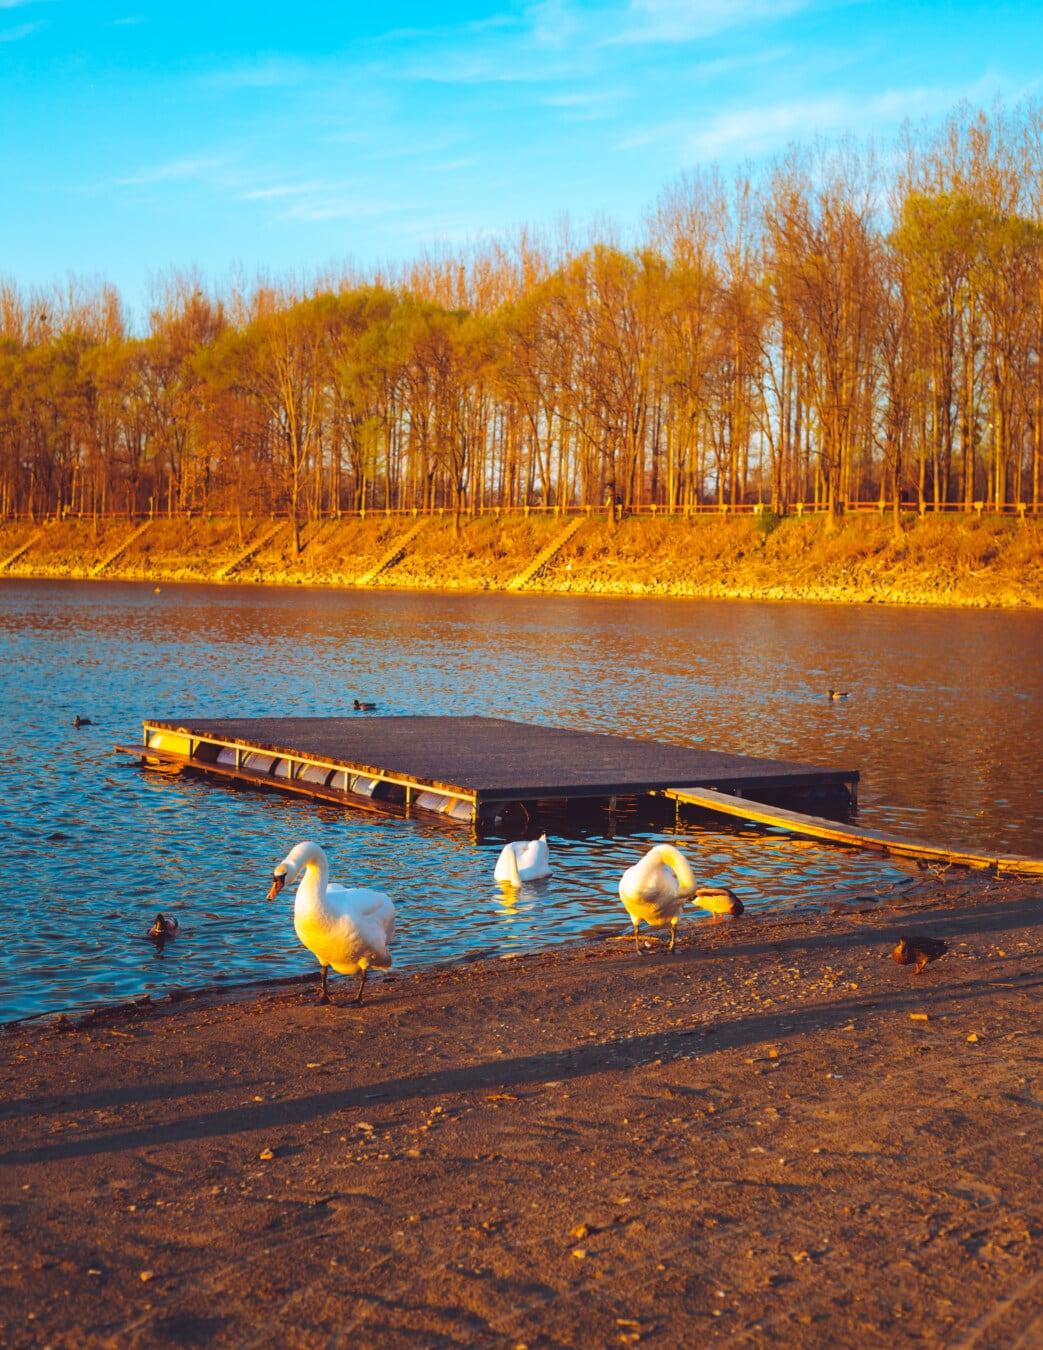 sonnig, Sonnenschein, waten Vogel, Enten, Herbstsaison, Schwan, Wasser, See, Landschaft, Fluss